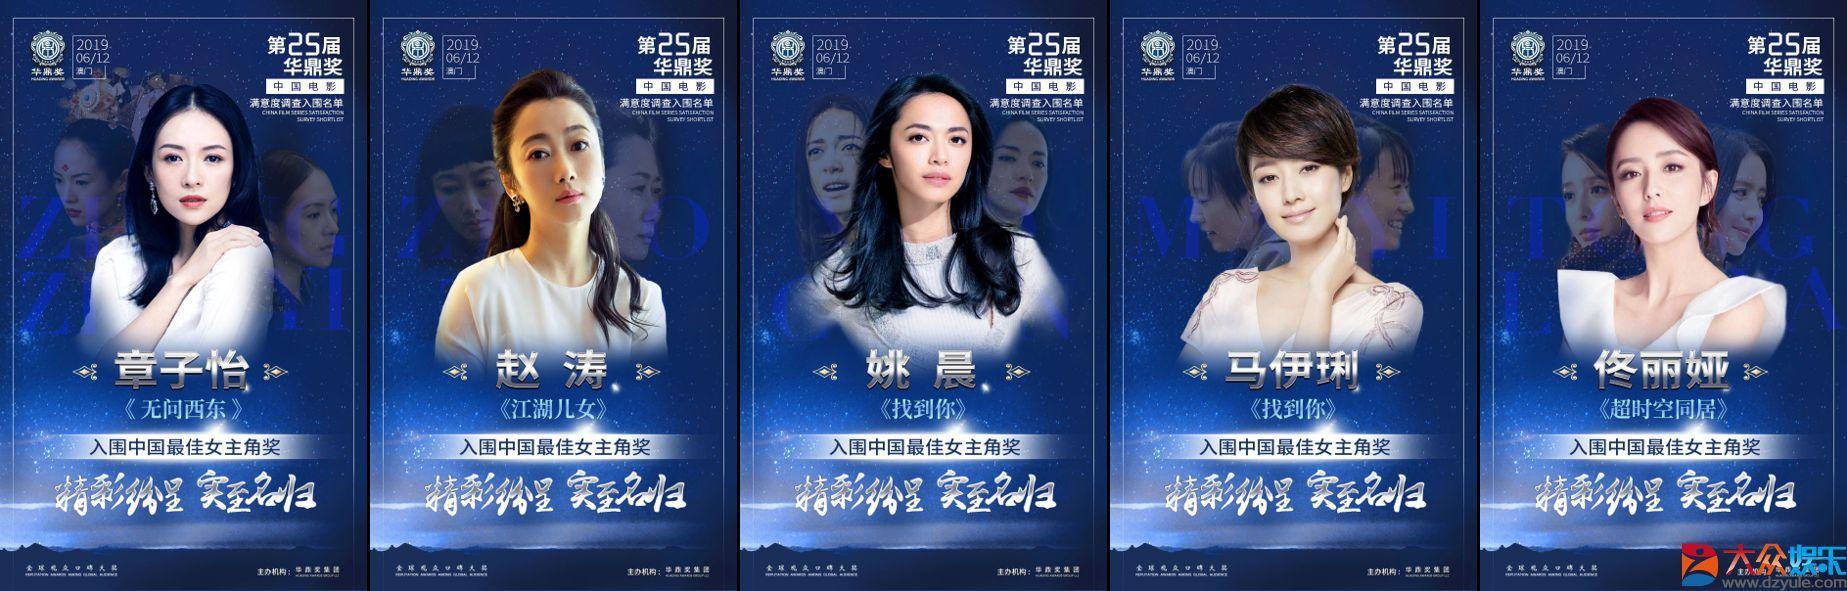 最佳女主角提名.png